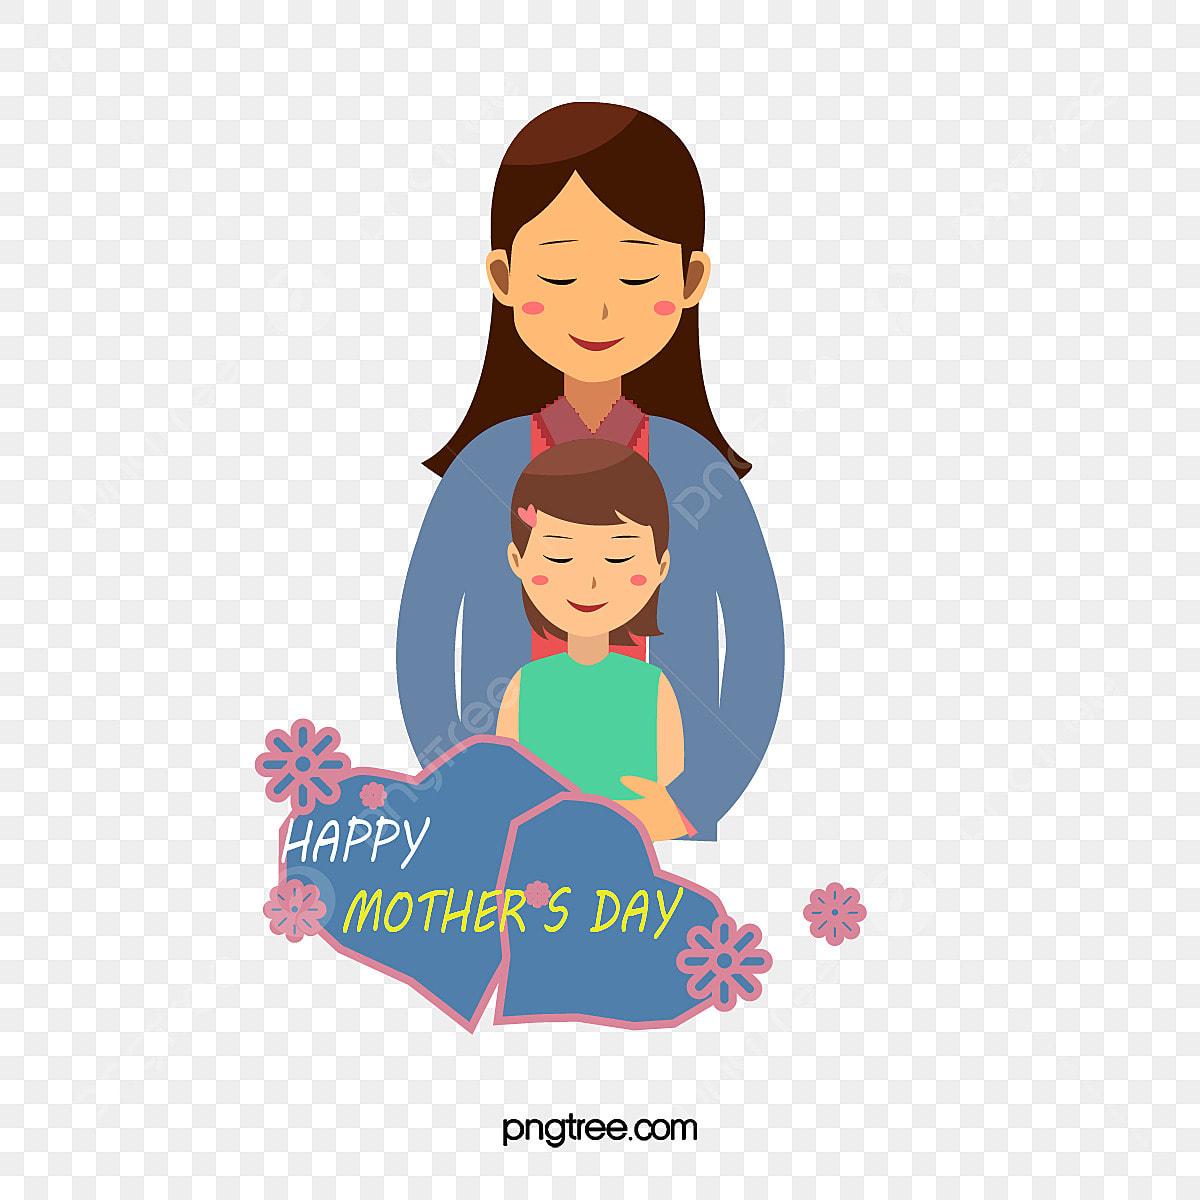 Gambar Vektor Rata Kartun Hari Ibu Ibu Memegang Anak Perempuan Kartun Anak Perempuan Ibu Png Dan Vektor Untuk Muat Turun Percuma